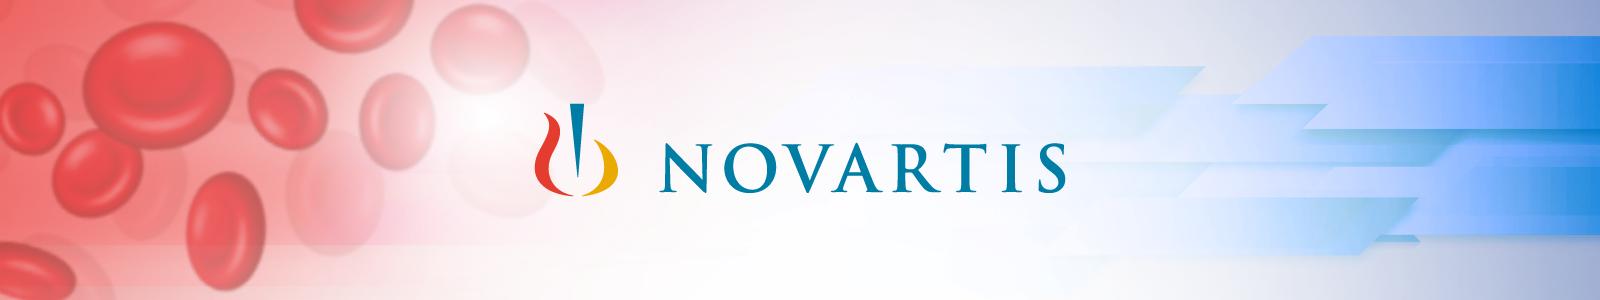 Diacordis2021-BANNER-Novartis